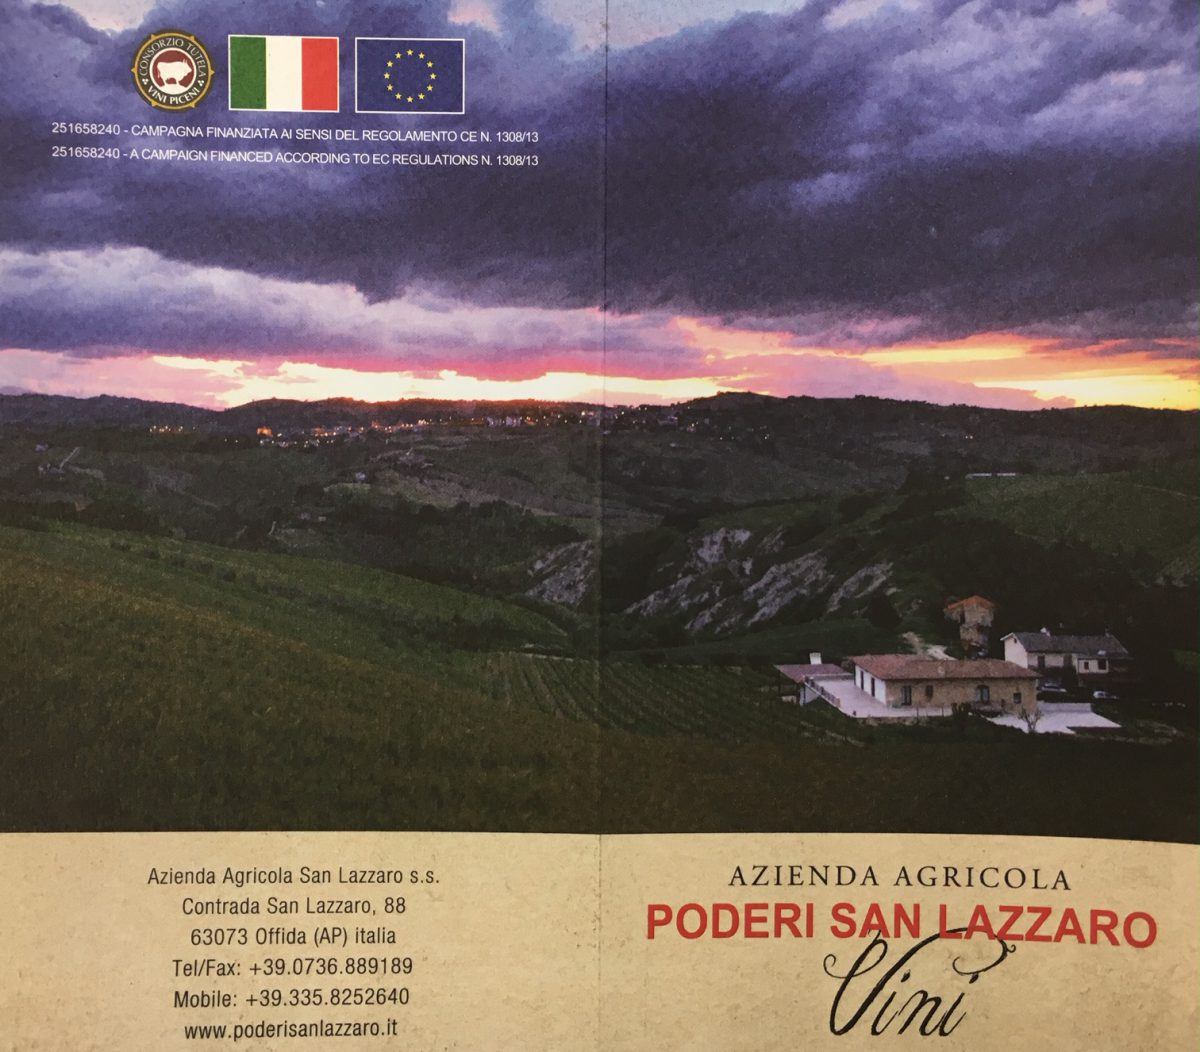 EUにおけるオーガニックワインと地域振興政策